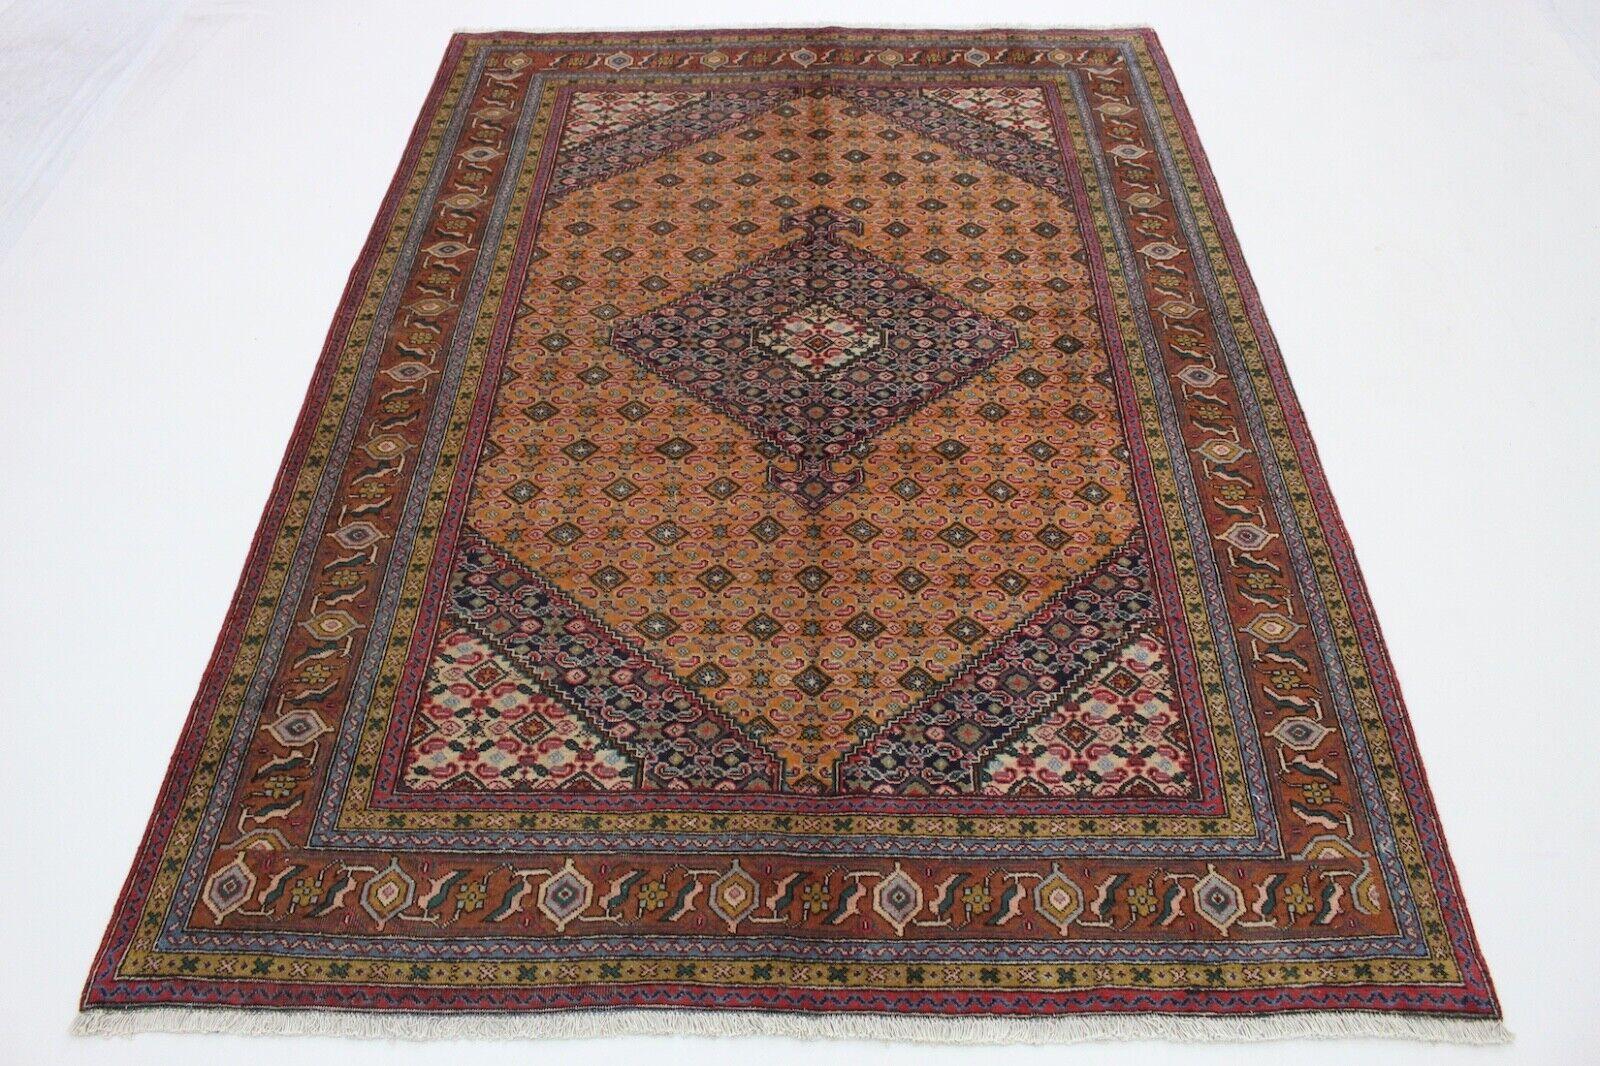 Calidad alfombra persa hermosa Ardabil almacén de venta 280x200 hecha kl201957